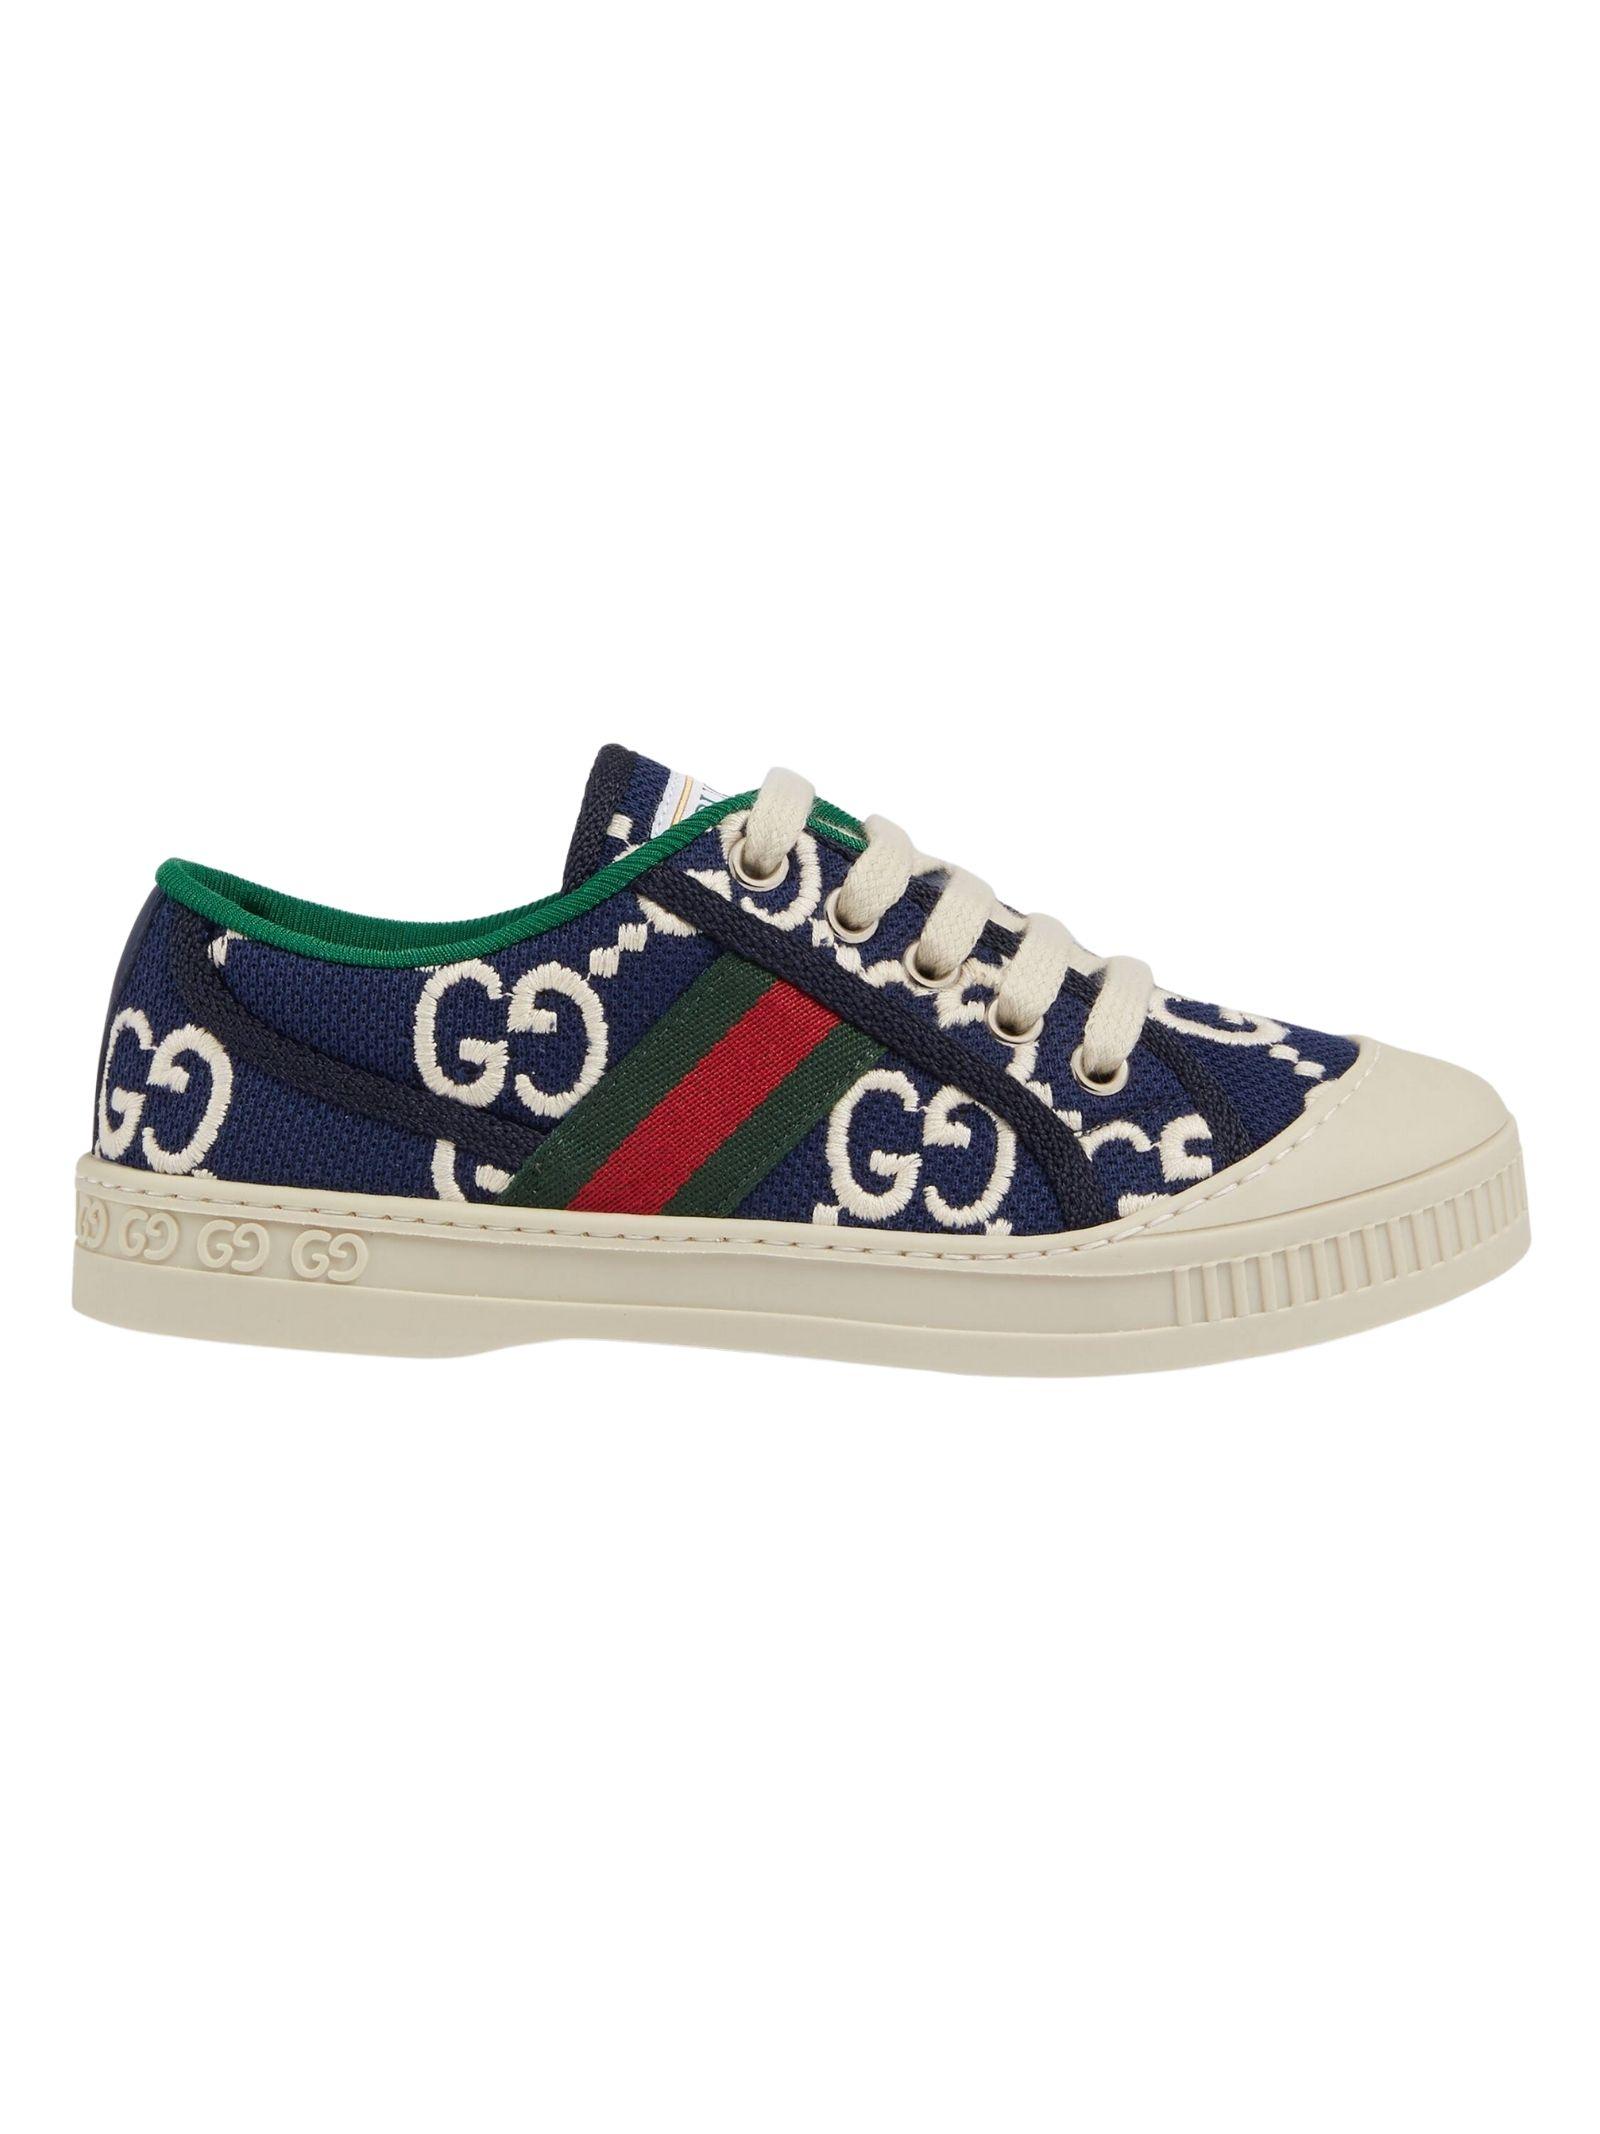 Gucci | Scarpe | 647075 H0G204575